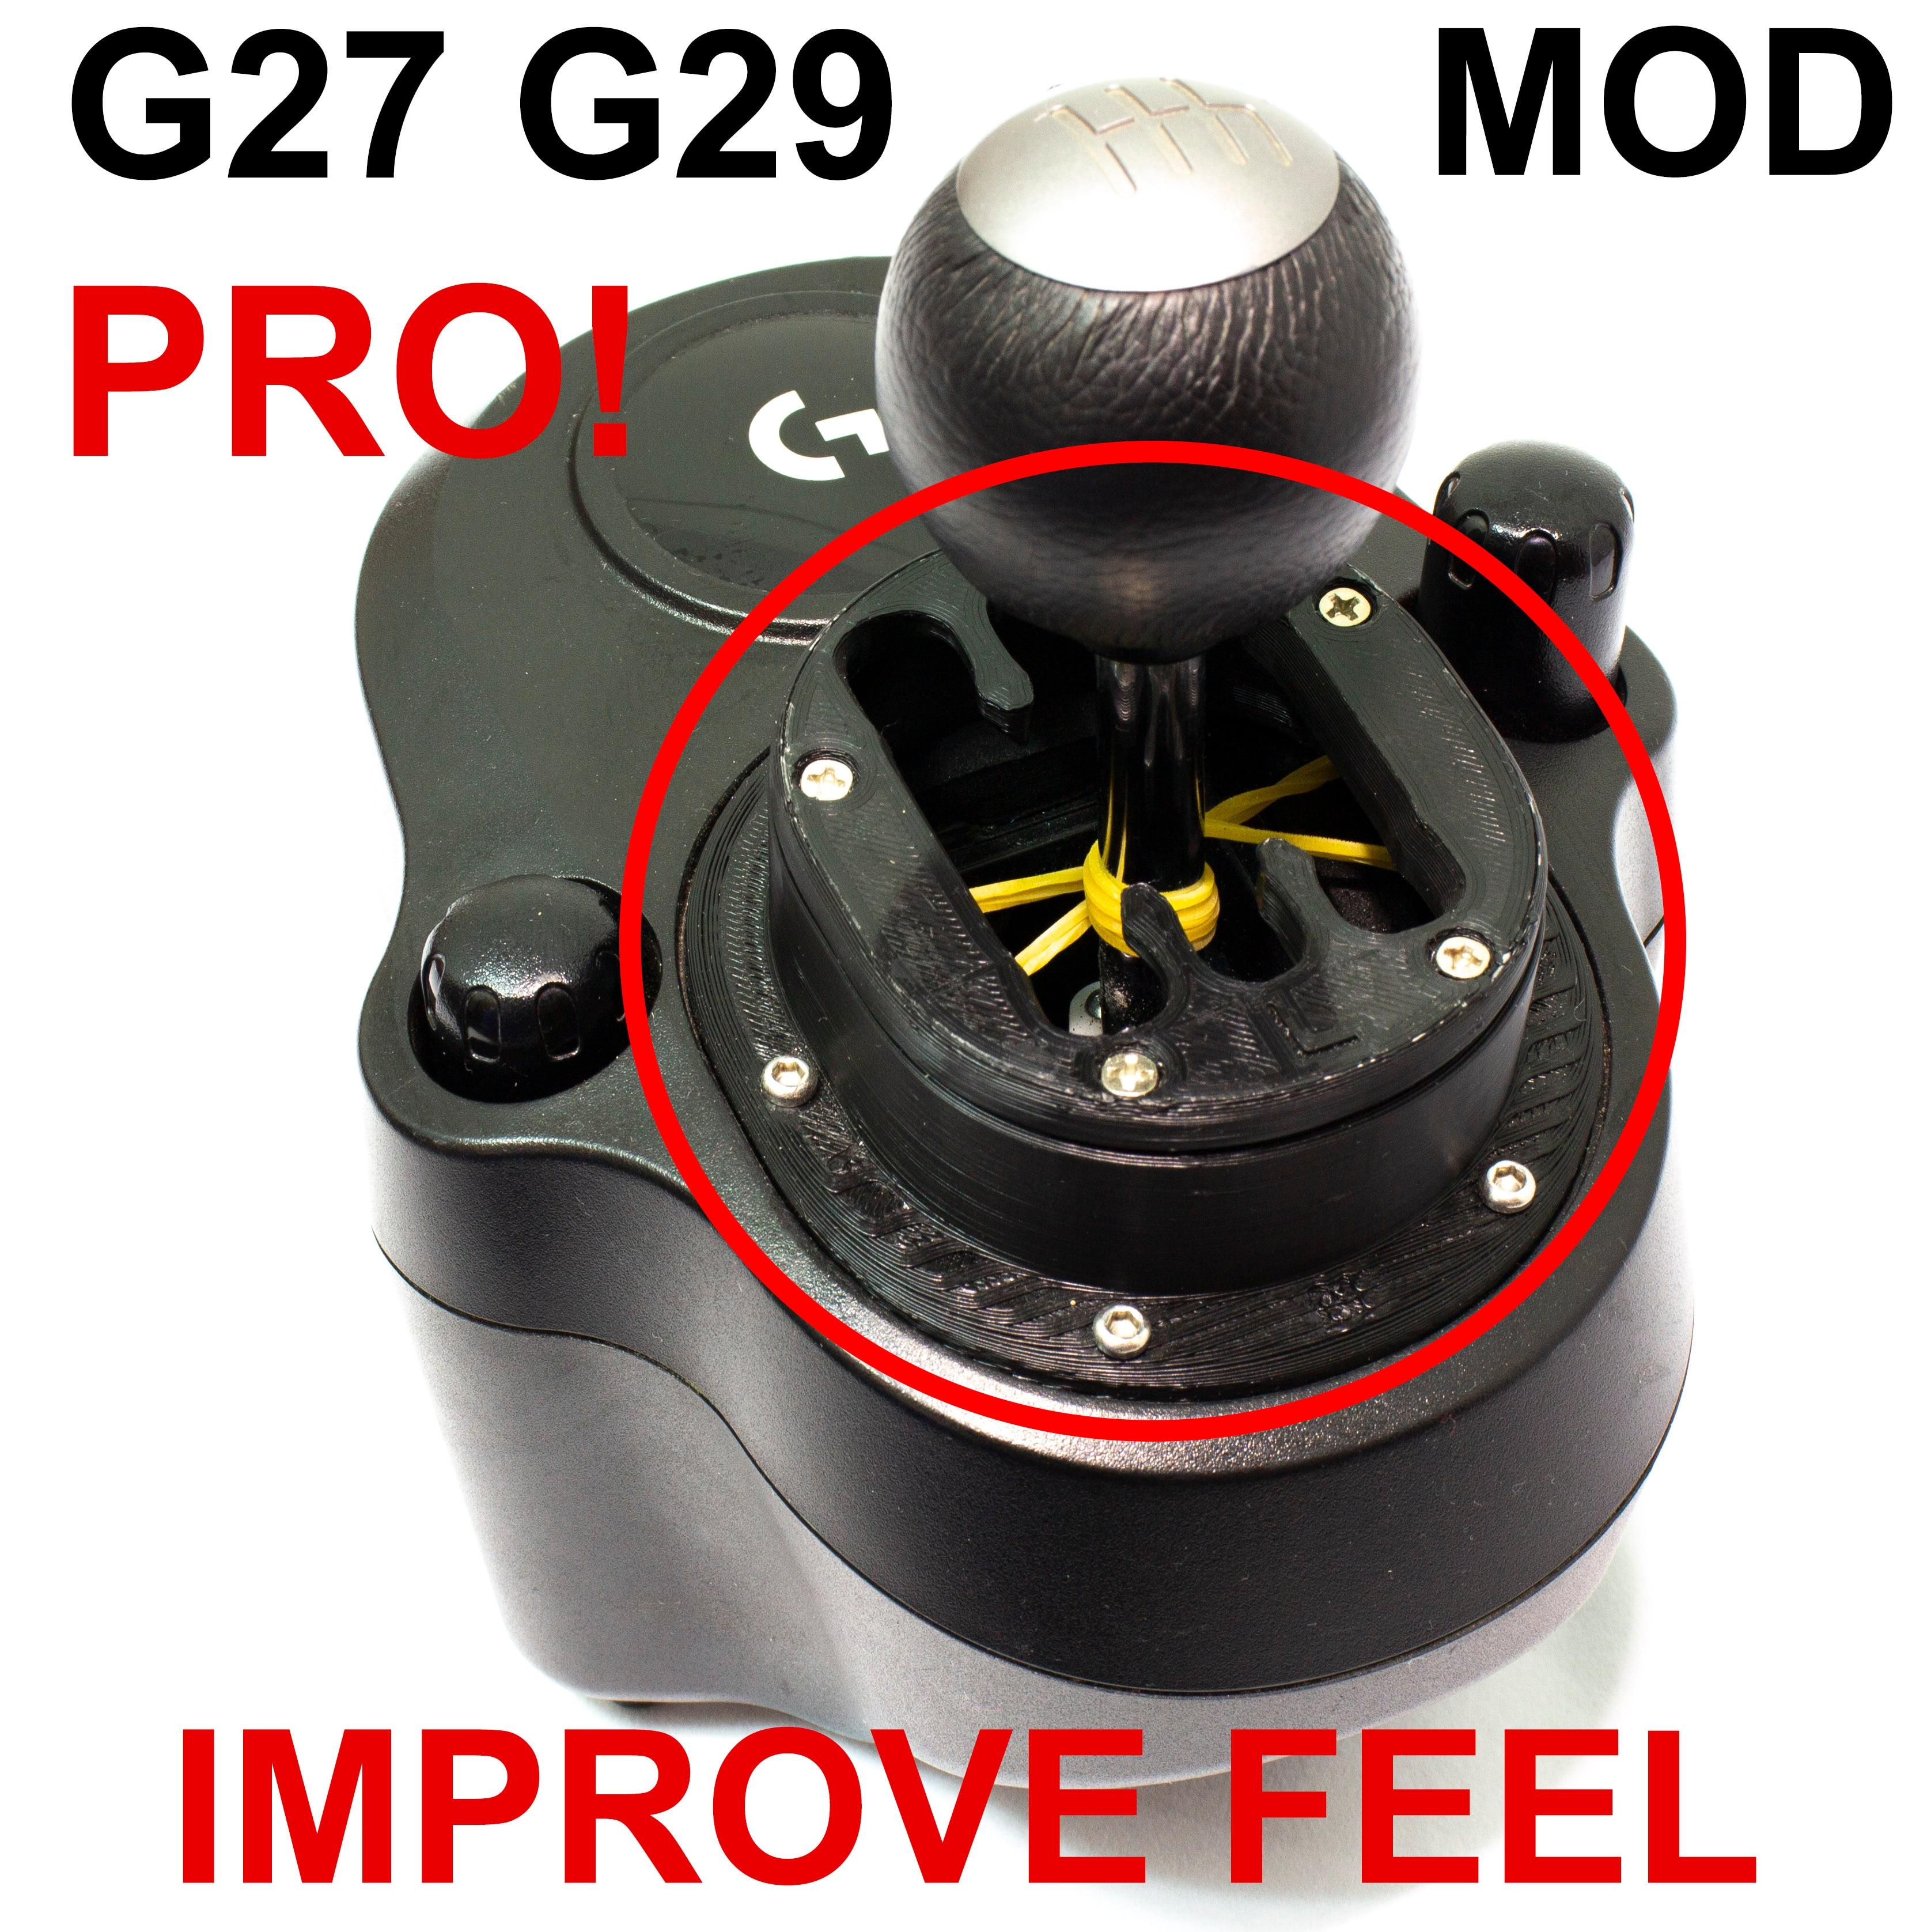 ل لوجيتك G27 لوجيتك G29 G25 G920 G923 والعتاد شيفتر وزارة الدفاع تحسين يشعر SIMRACING سيم سباق